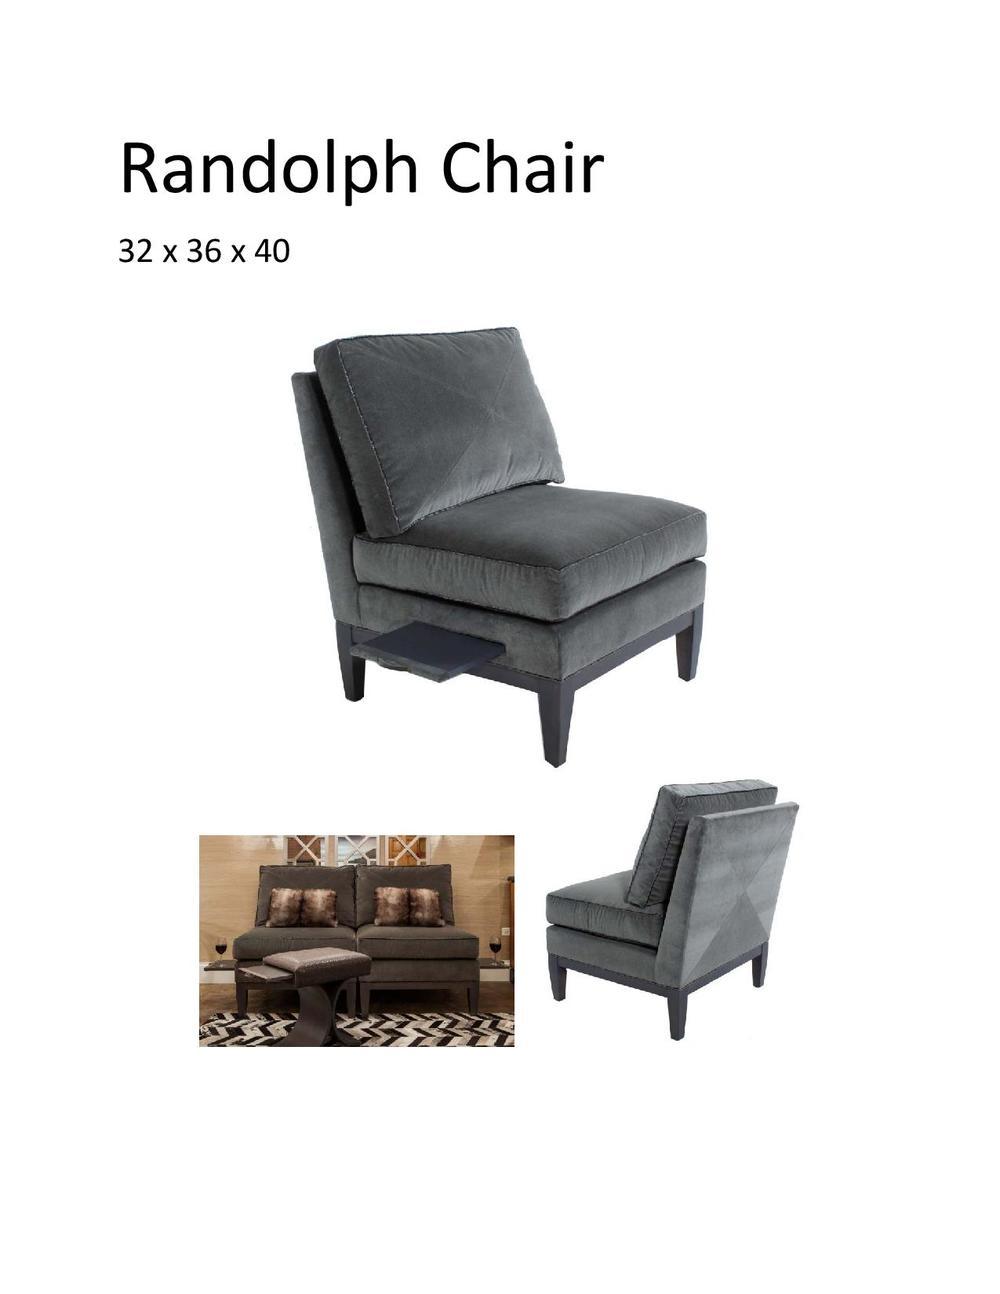 randolph chair-page-001.jpg